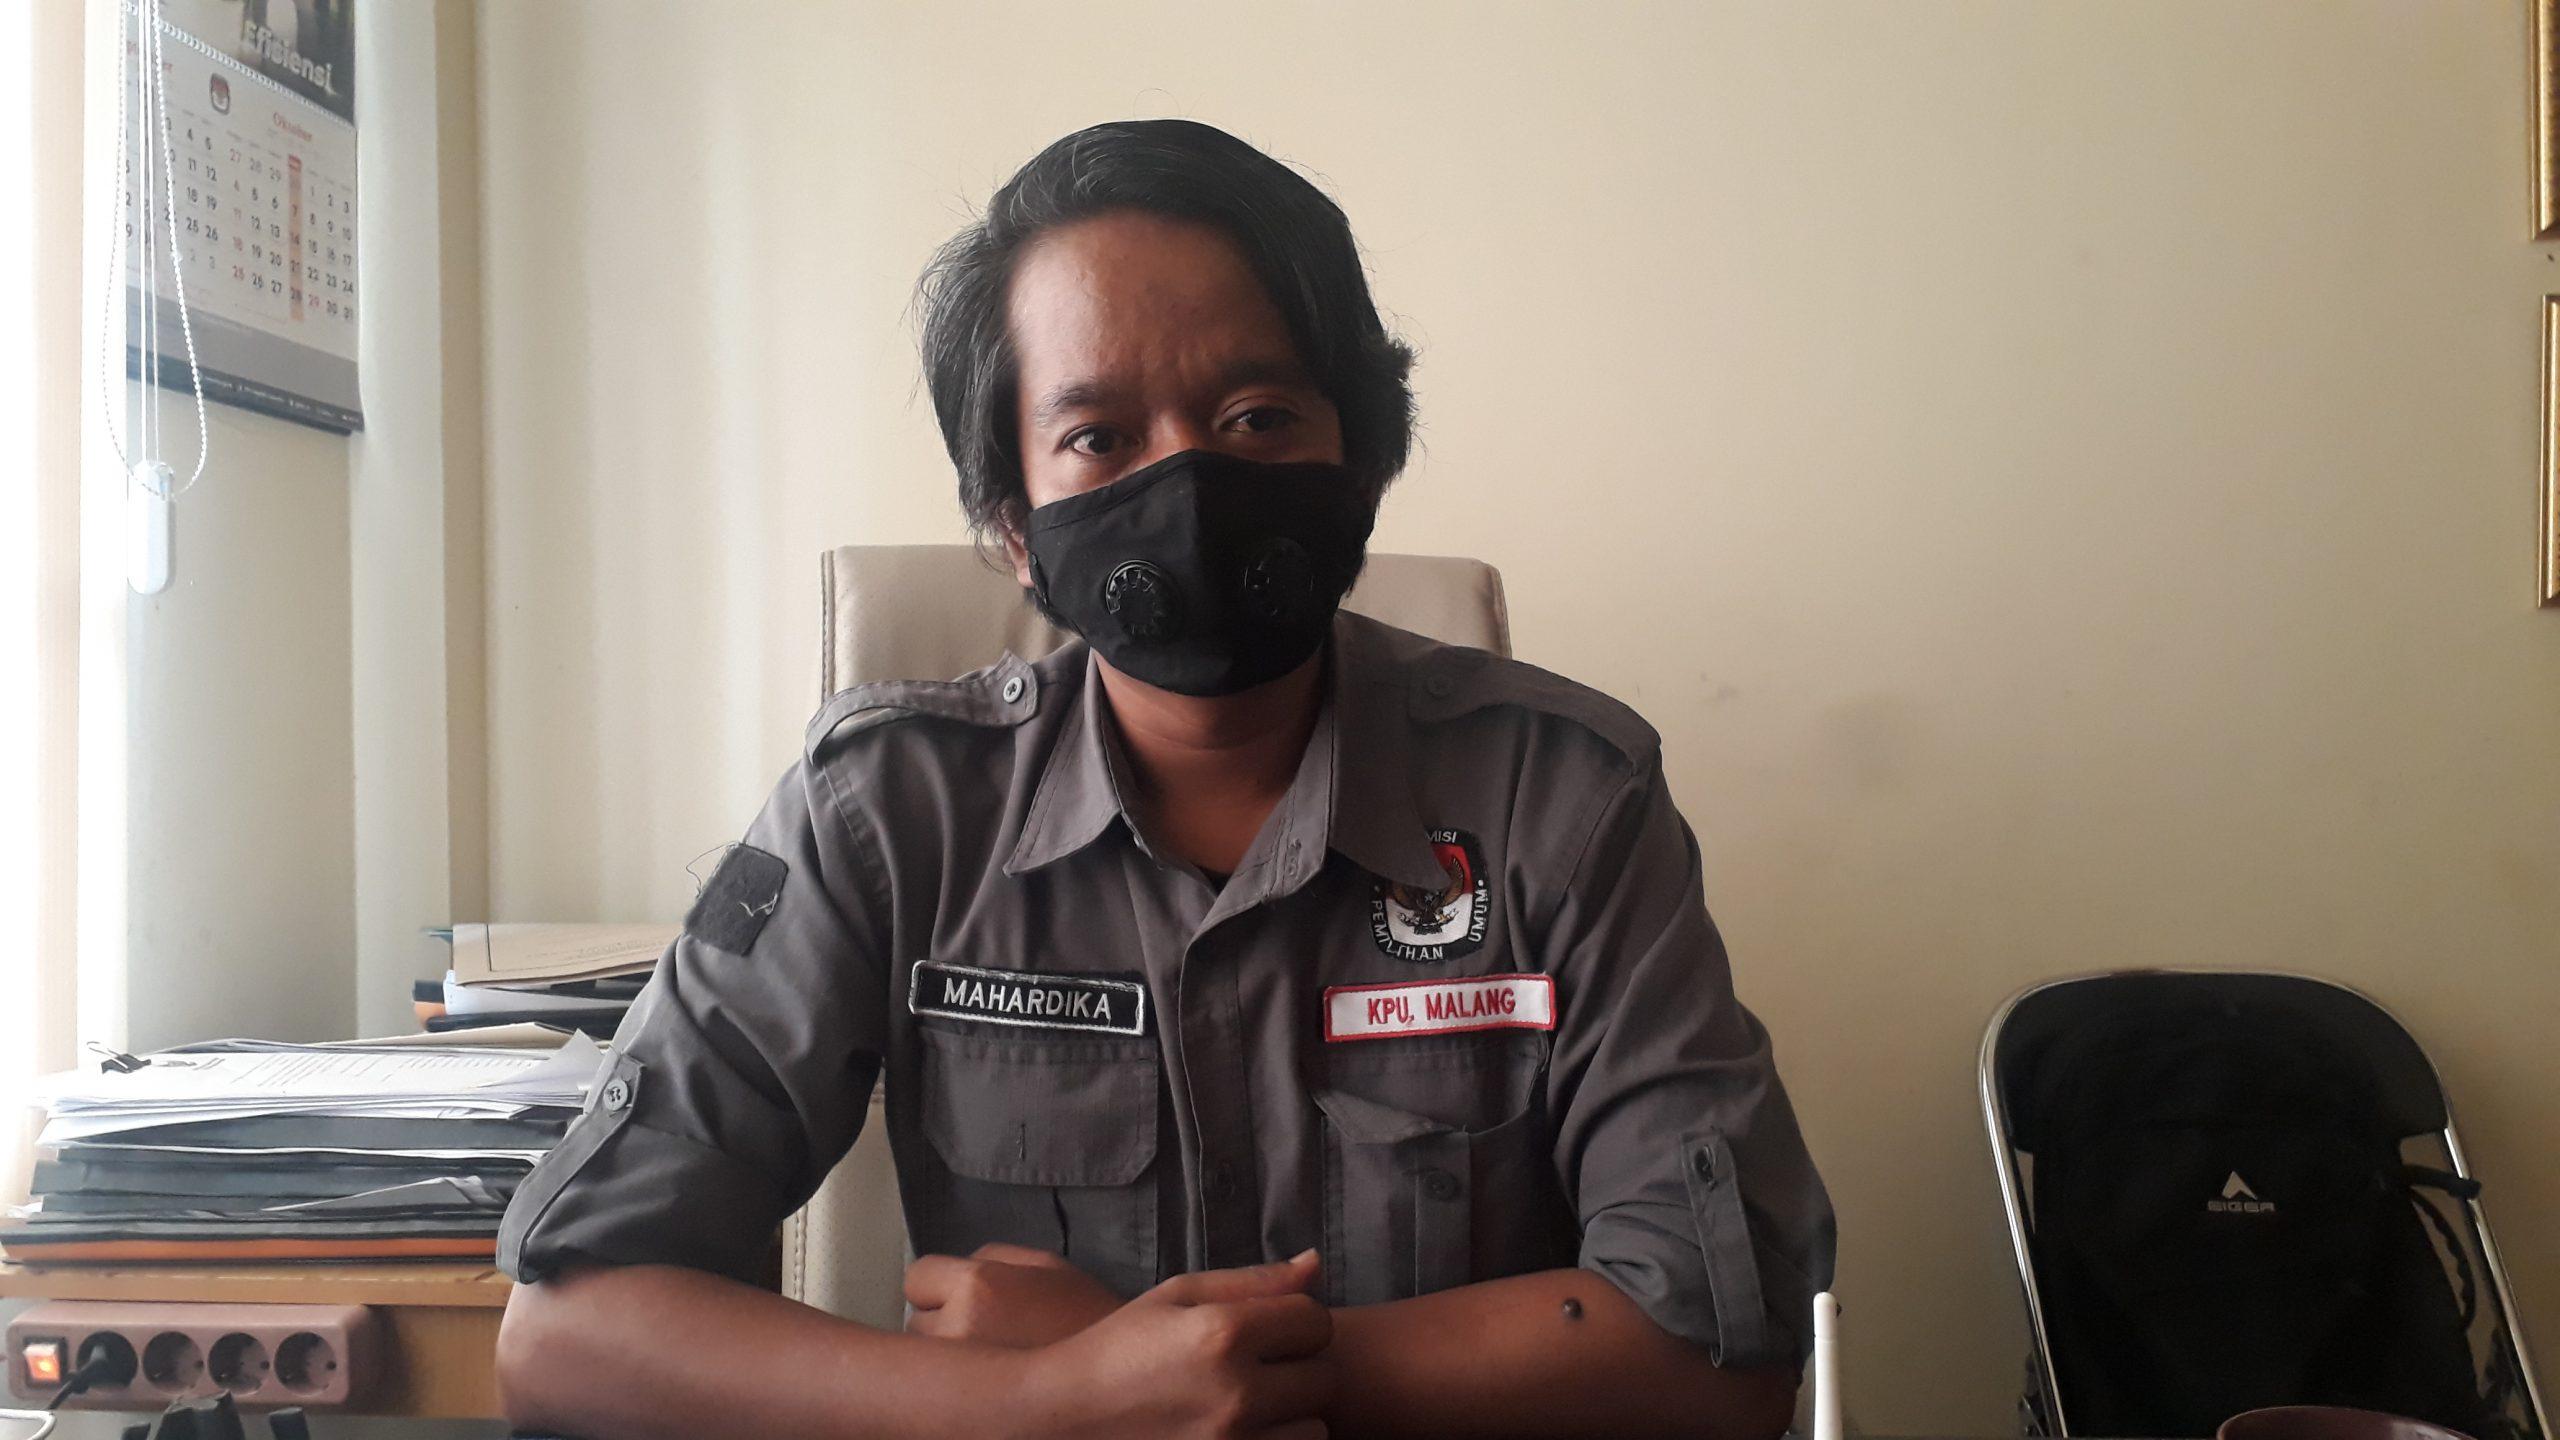 Komisioner Bagian Divisi Sosialiasi Pendidikan dan Pemilihan dan SDM KPUD Kabupaten Malang, Marhendra Pramudya Mahardika. (Foto: Imron Haqiqi).